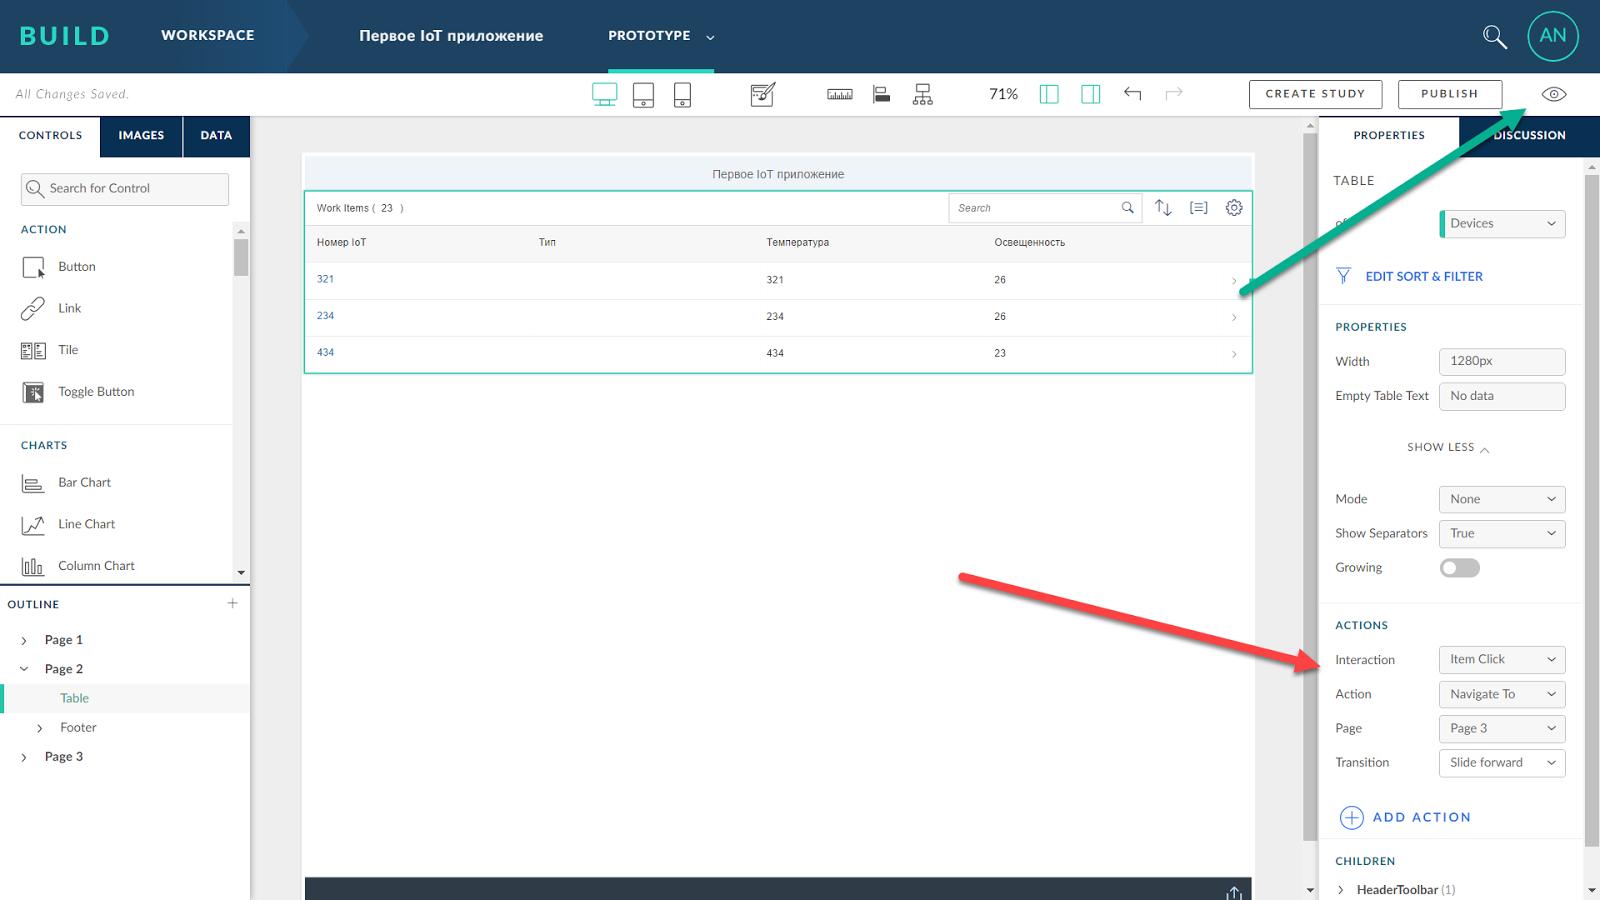 SAP BUILD – инструмент построения пользовательских интерфейсов - 22